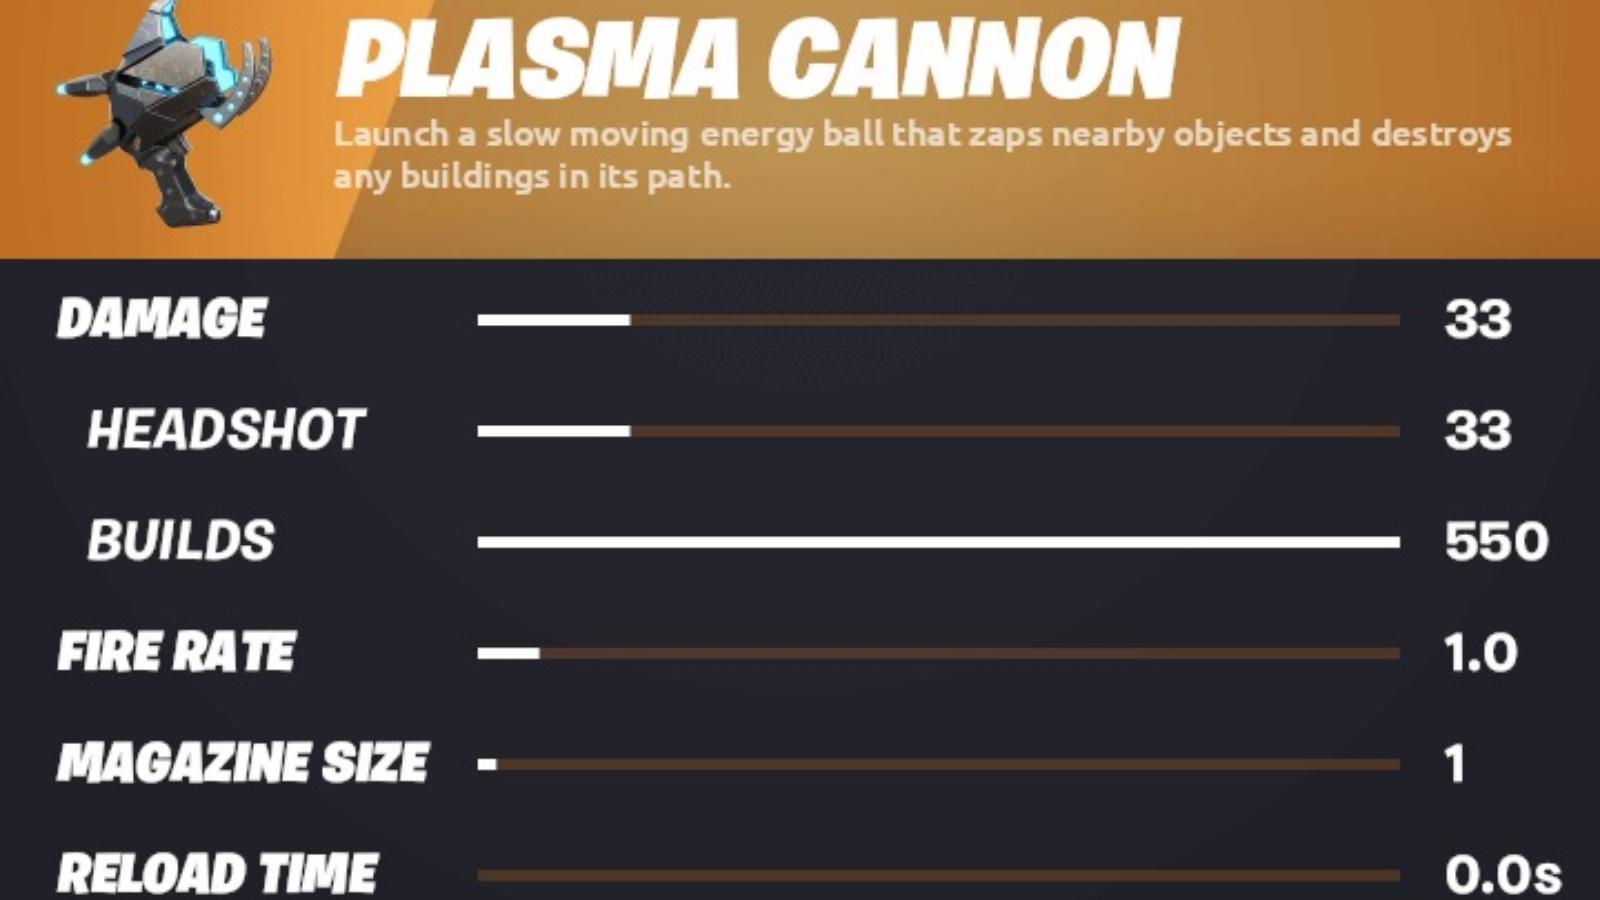 Canon à plasma Fortnite: nouveaux détails sur les armes dans la saison 7, où les trouver et plus encore